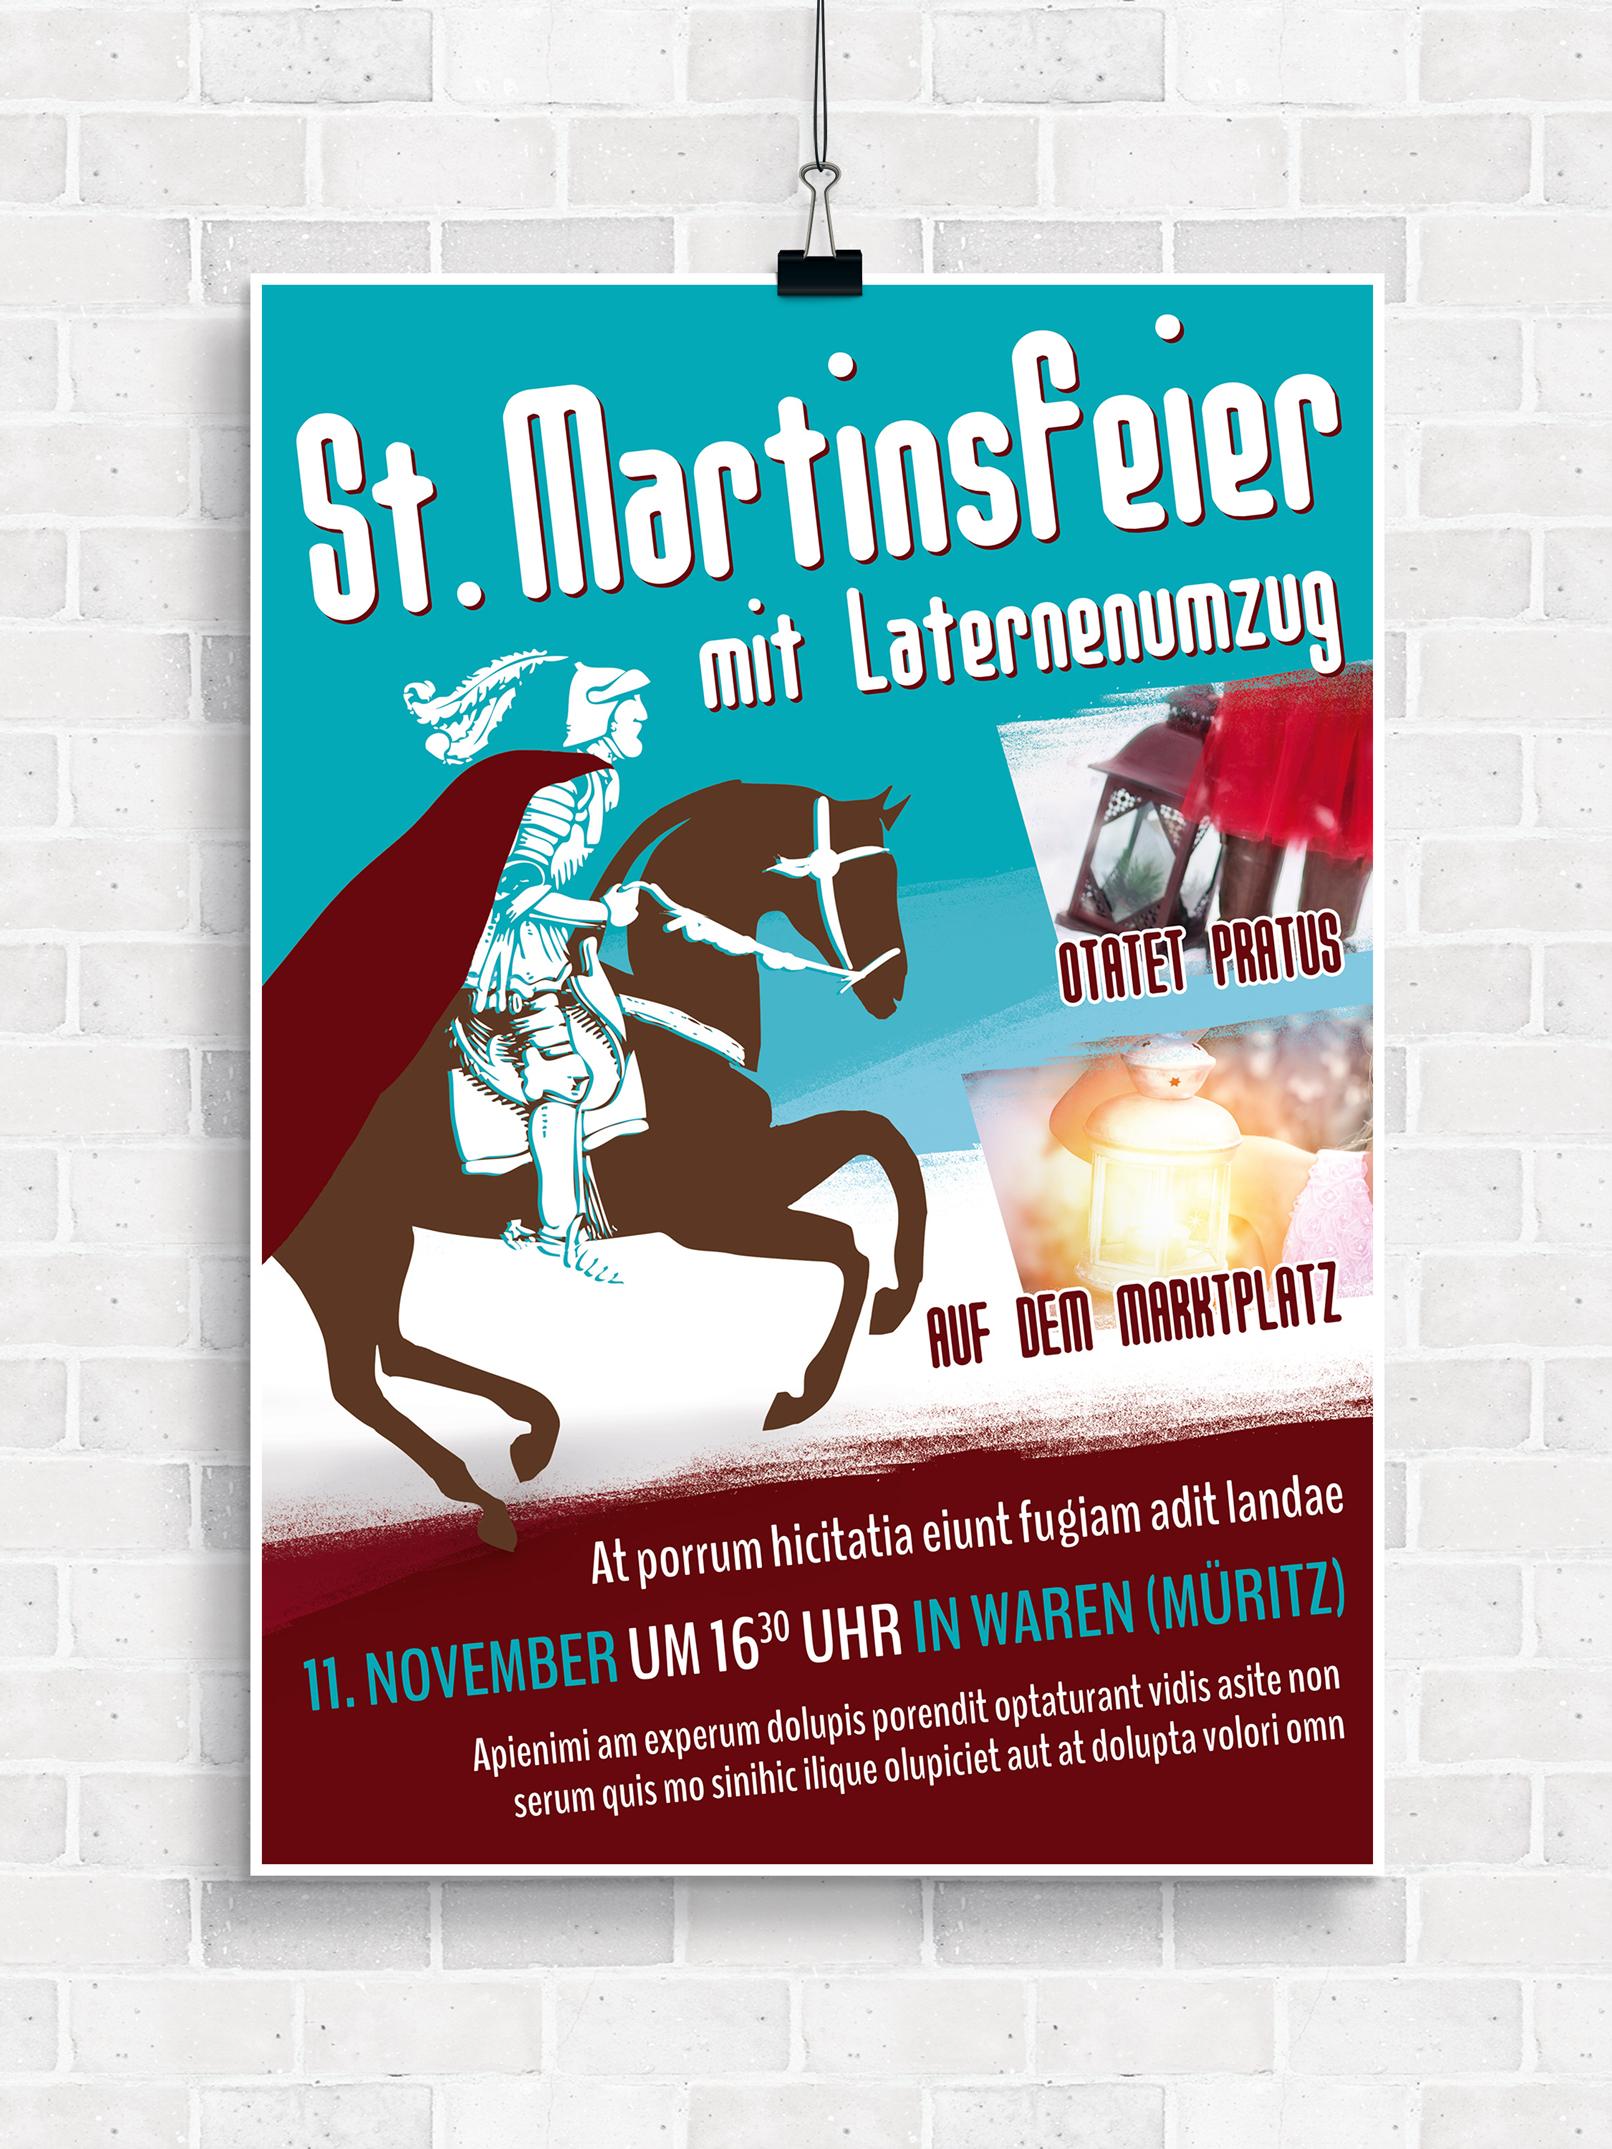 Poster, Flyer und Plakate fuer Cocktail- und Kostümpartys